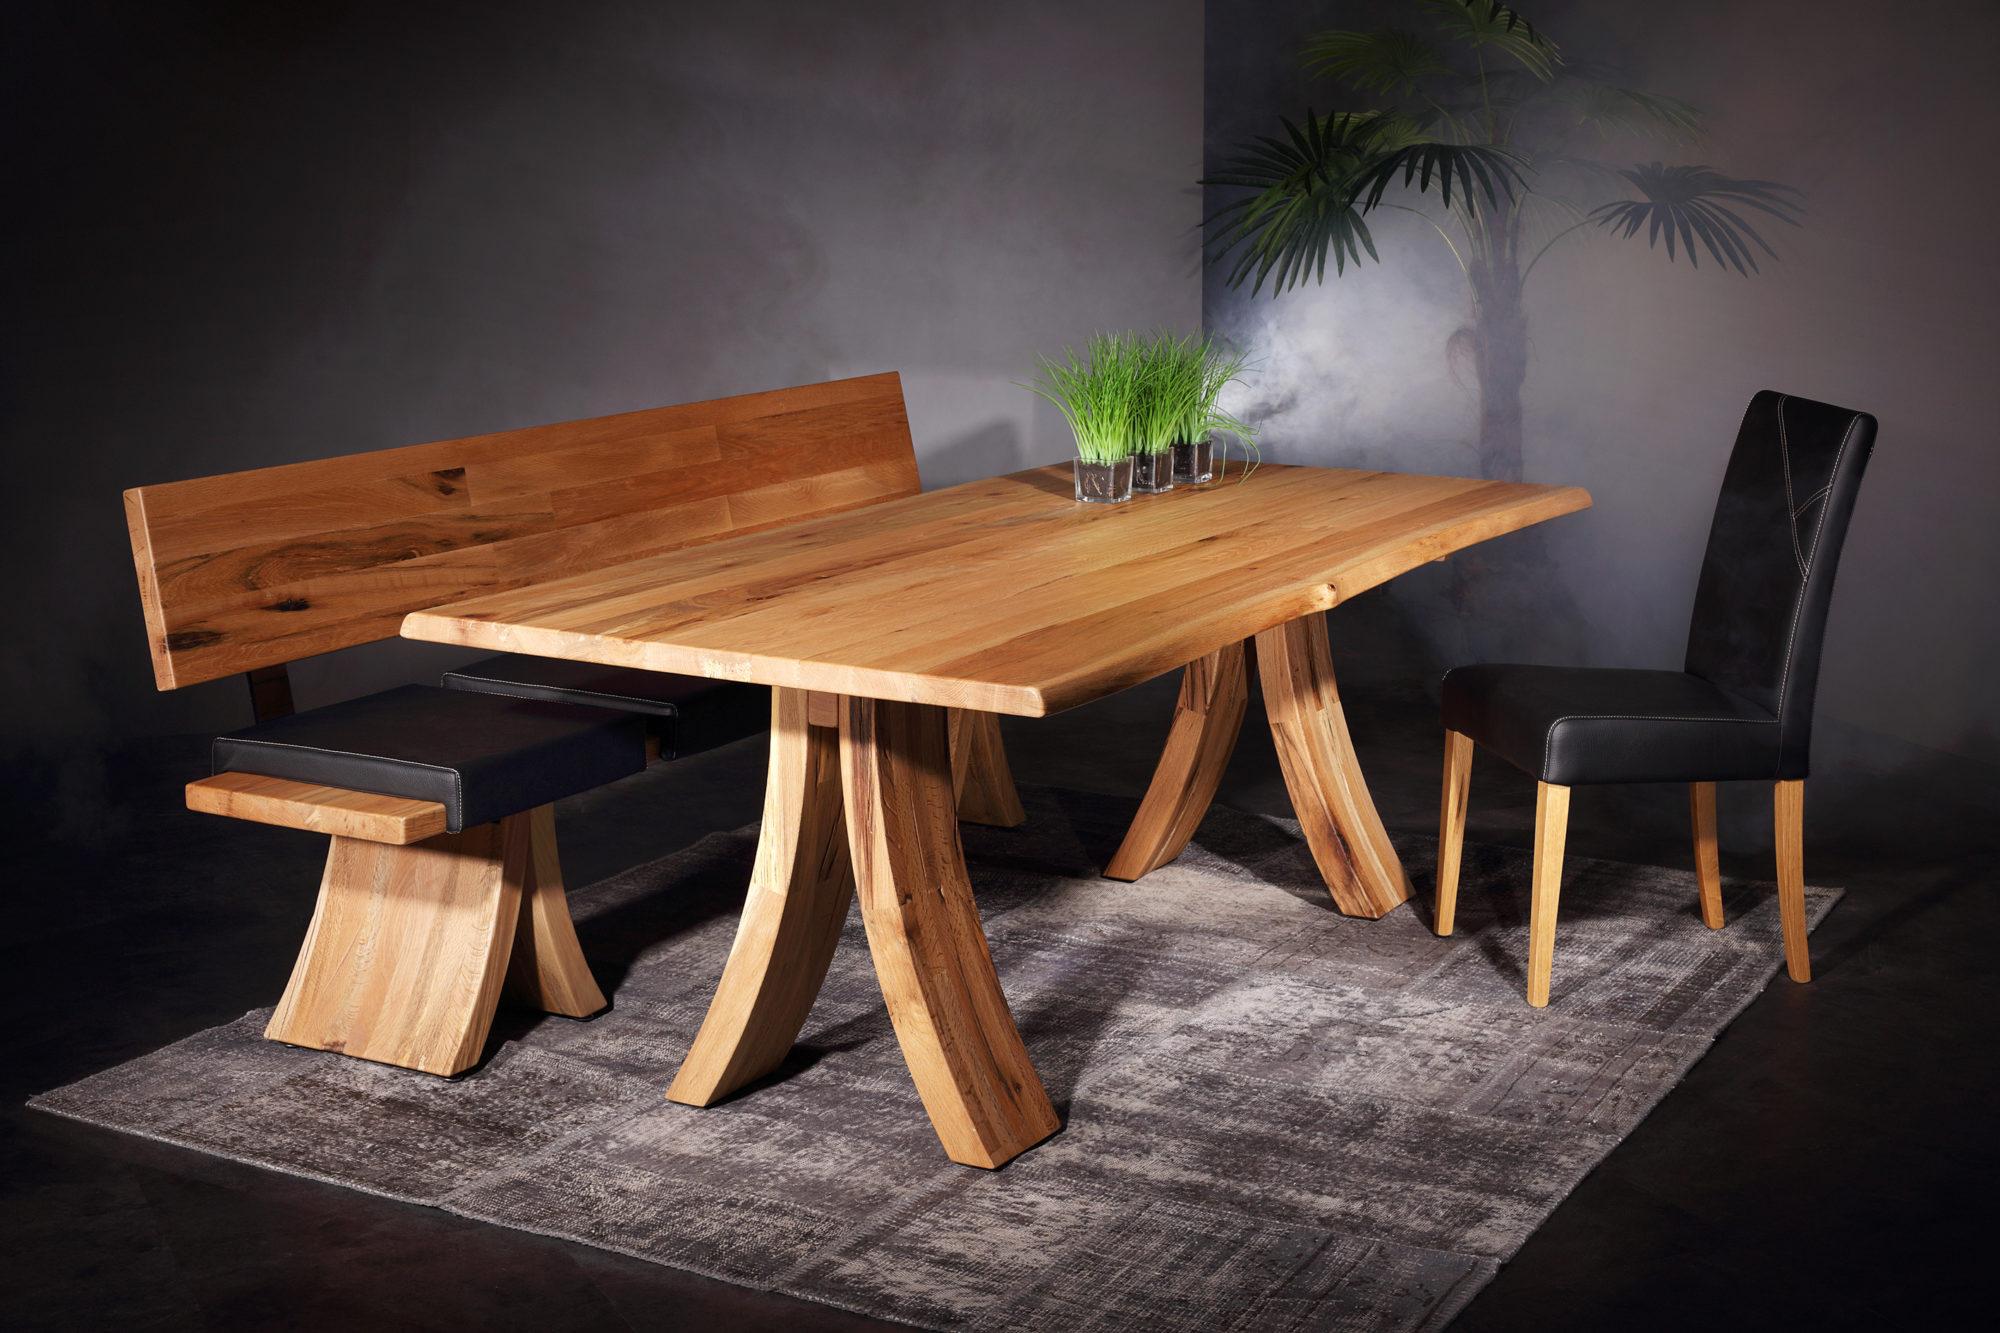 Schön Bank Möbel Galerie Von Tisch Und Arcobello Sumpfeiche